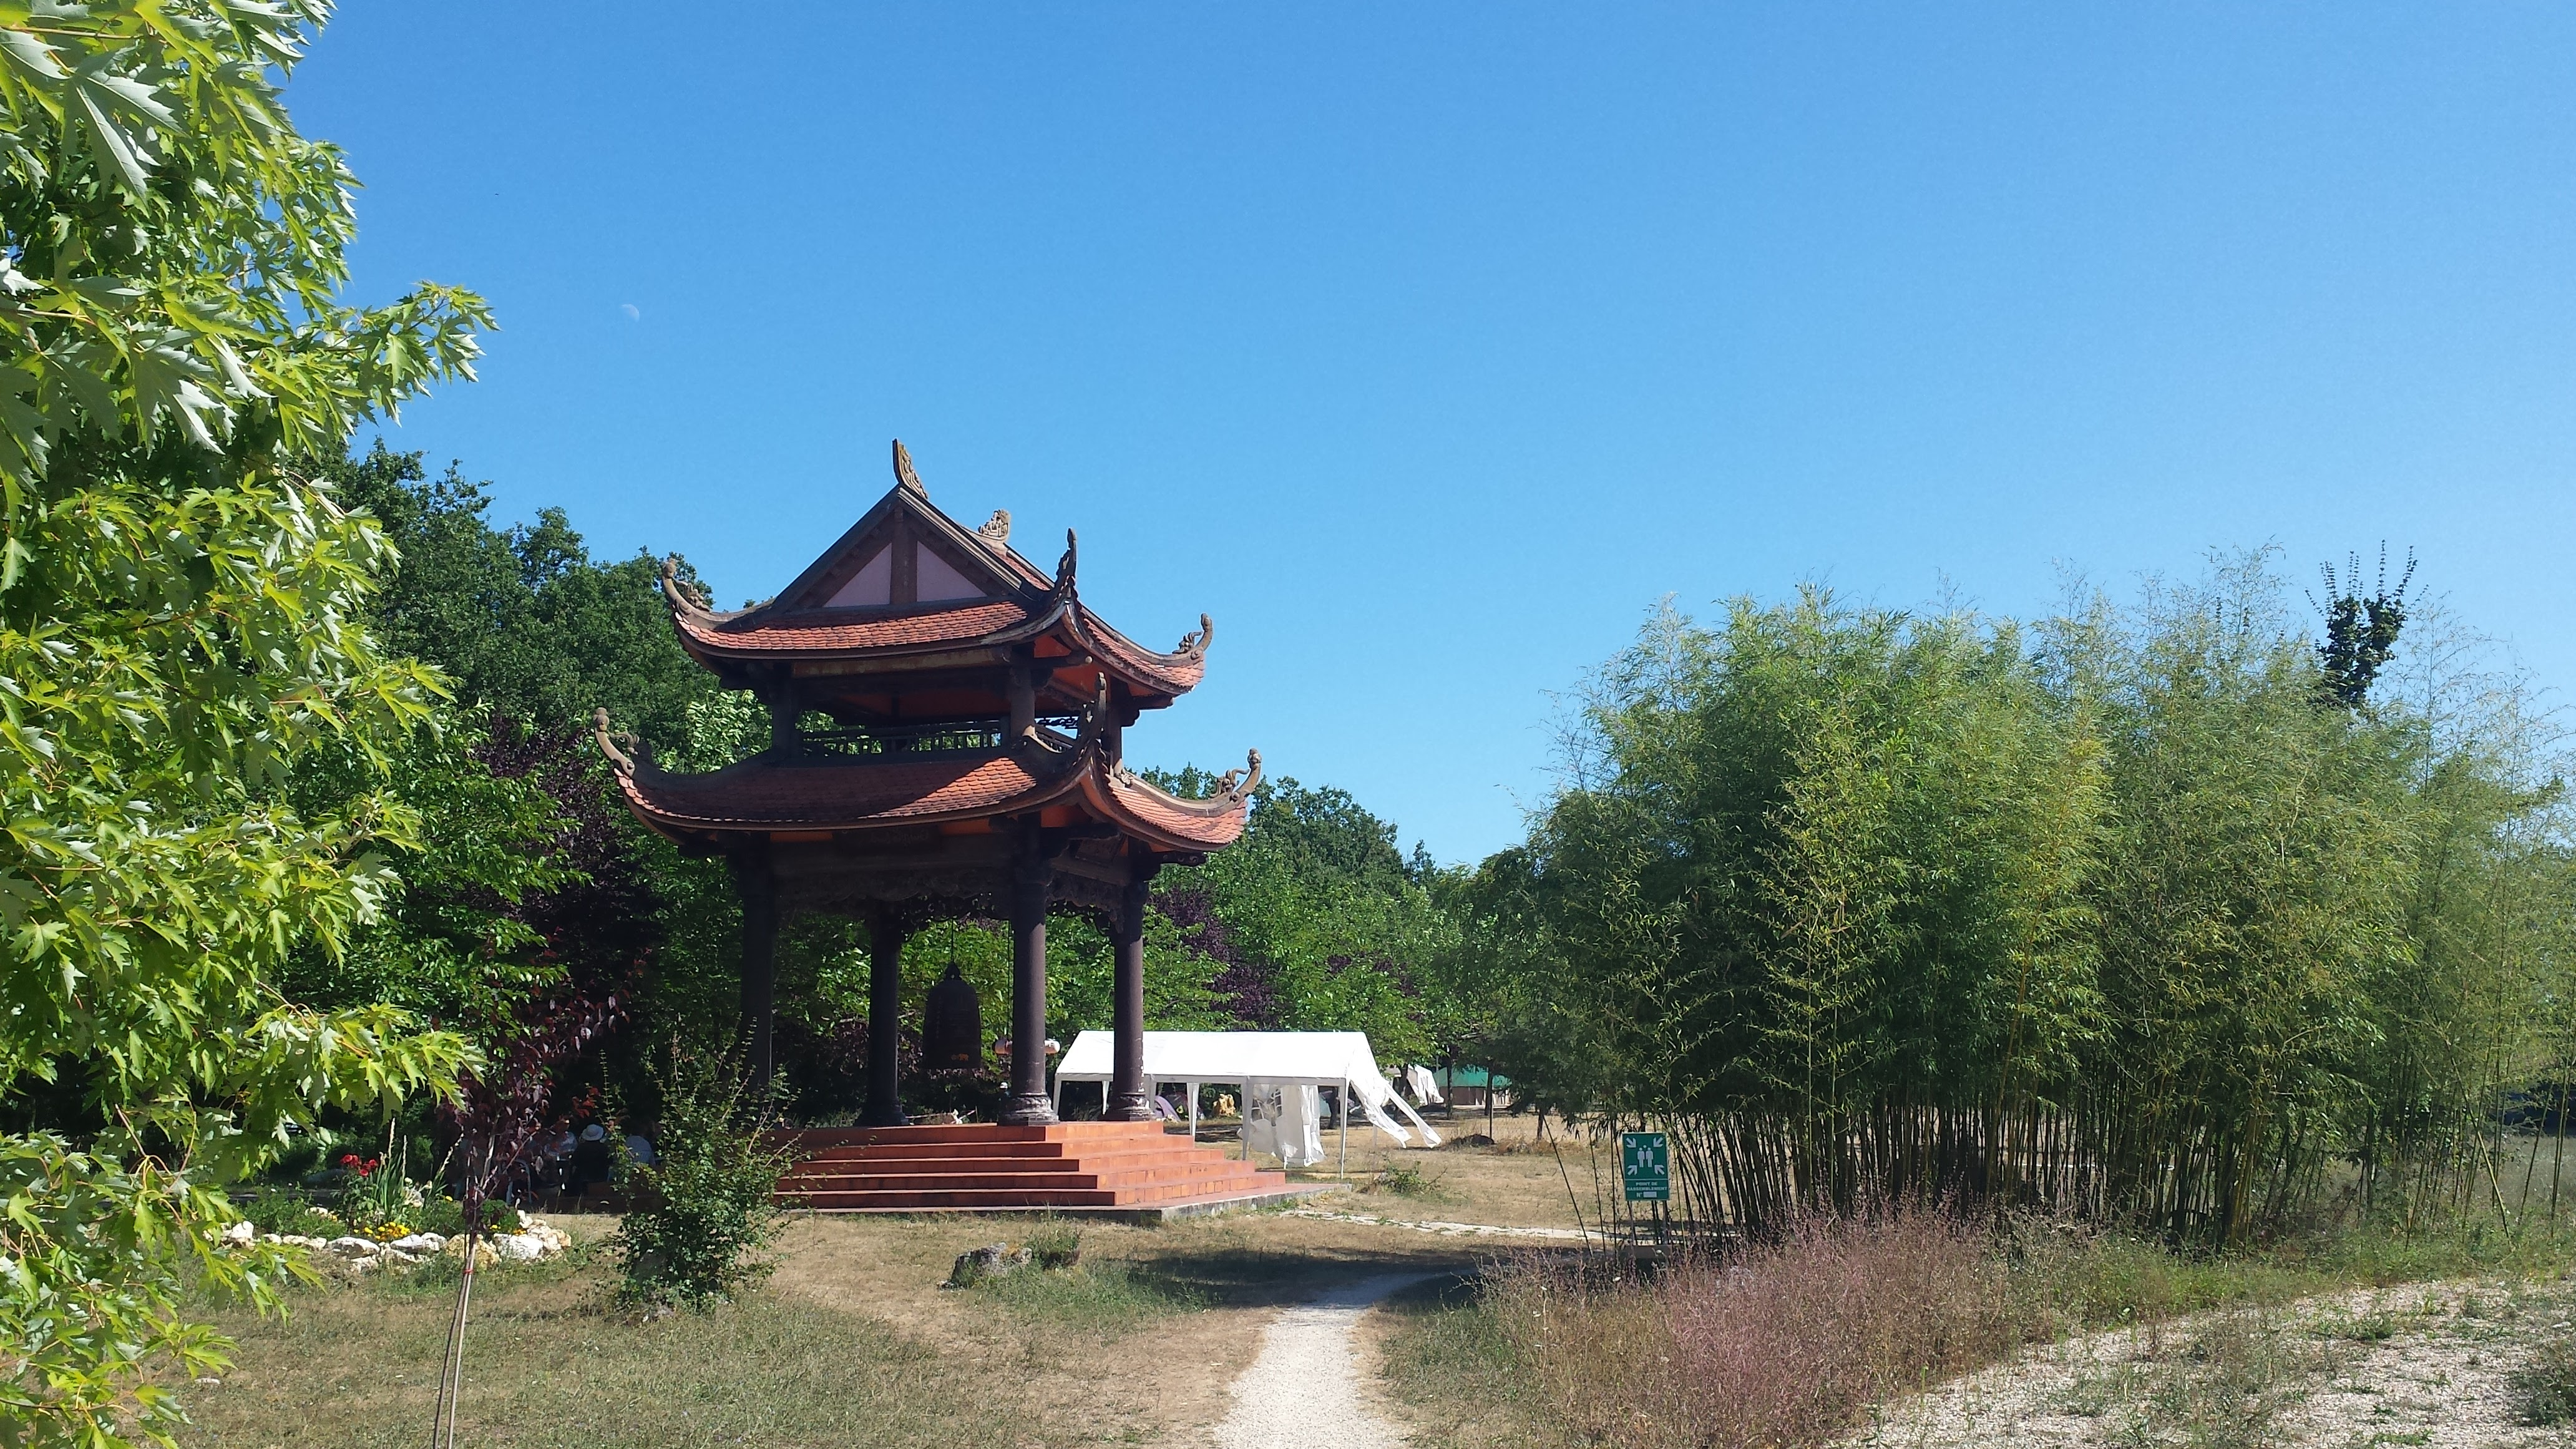 Zu sehen ist eine Pagoda mit Glocke imKloster plumvillage in Südfrankreich